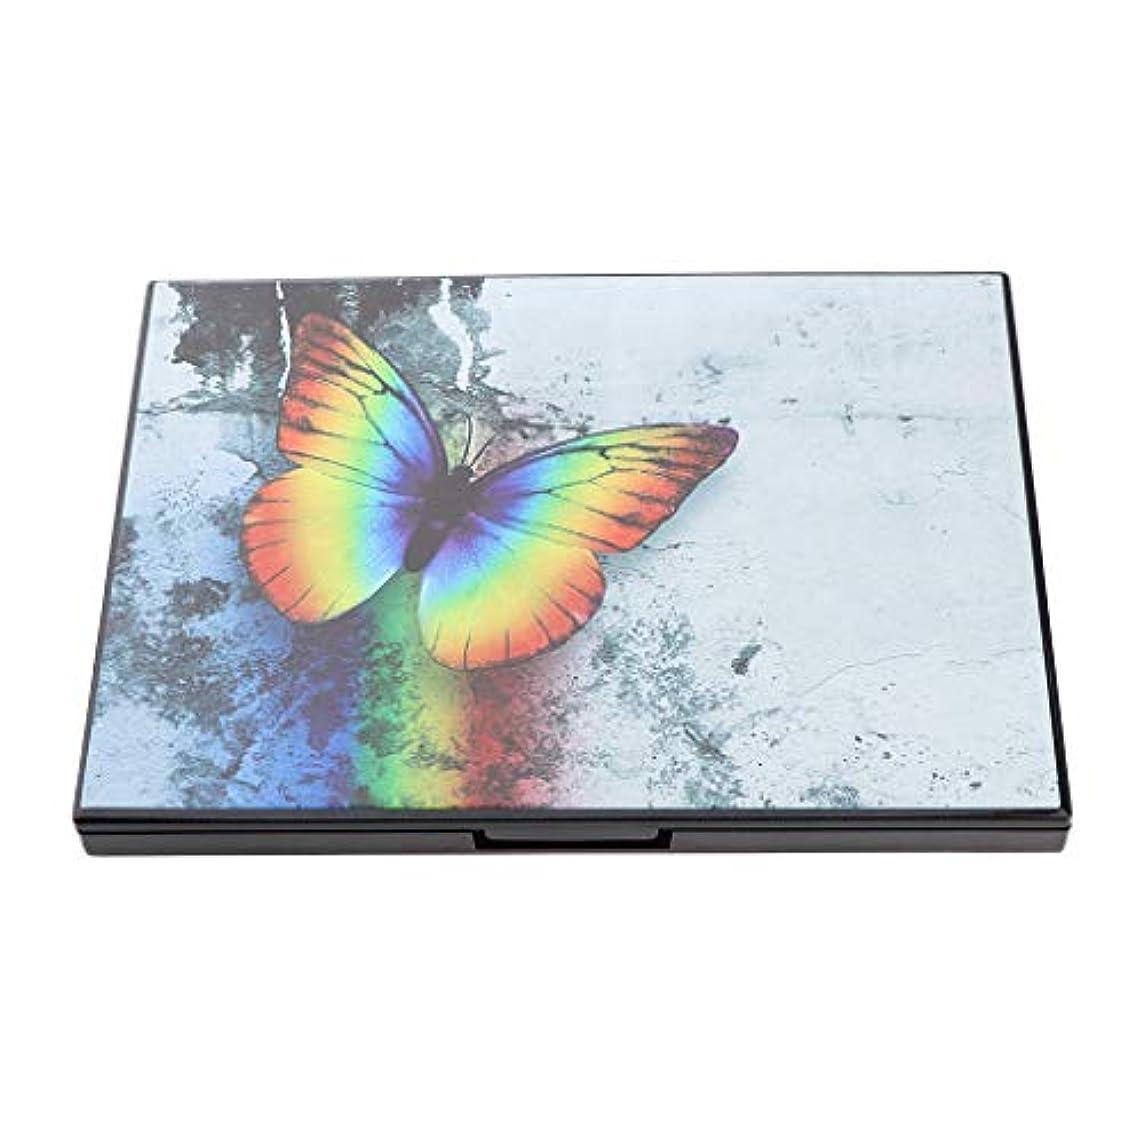 回転する影響昆虫を見る磁気パレット 手作り アイシャドウ ミラー付 パレット 旅行小物 4スタイル選べ - #1